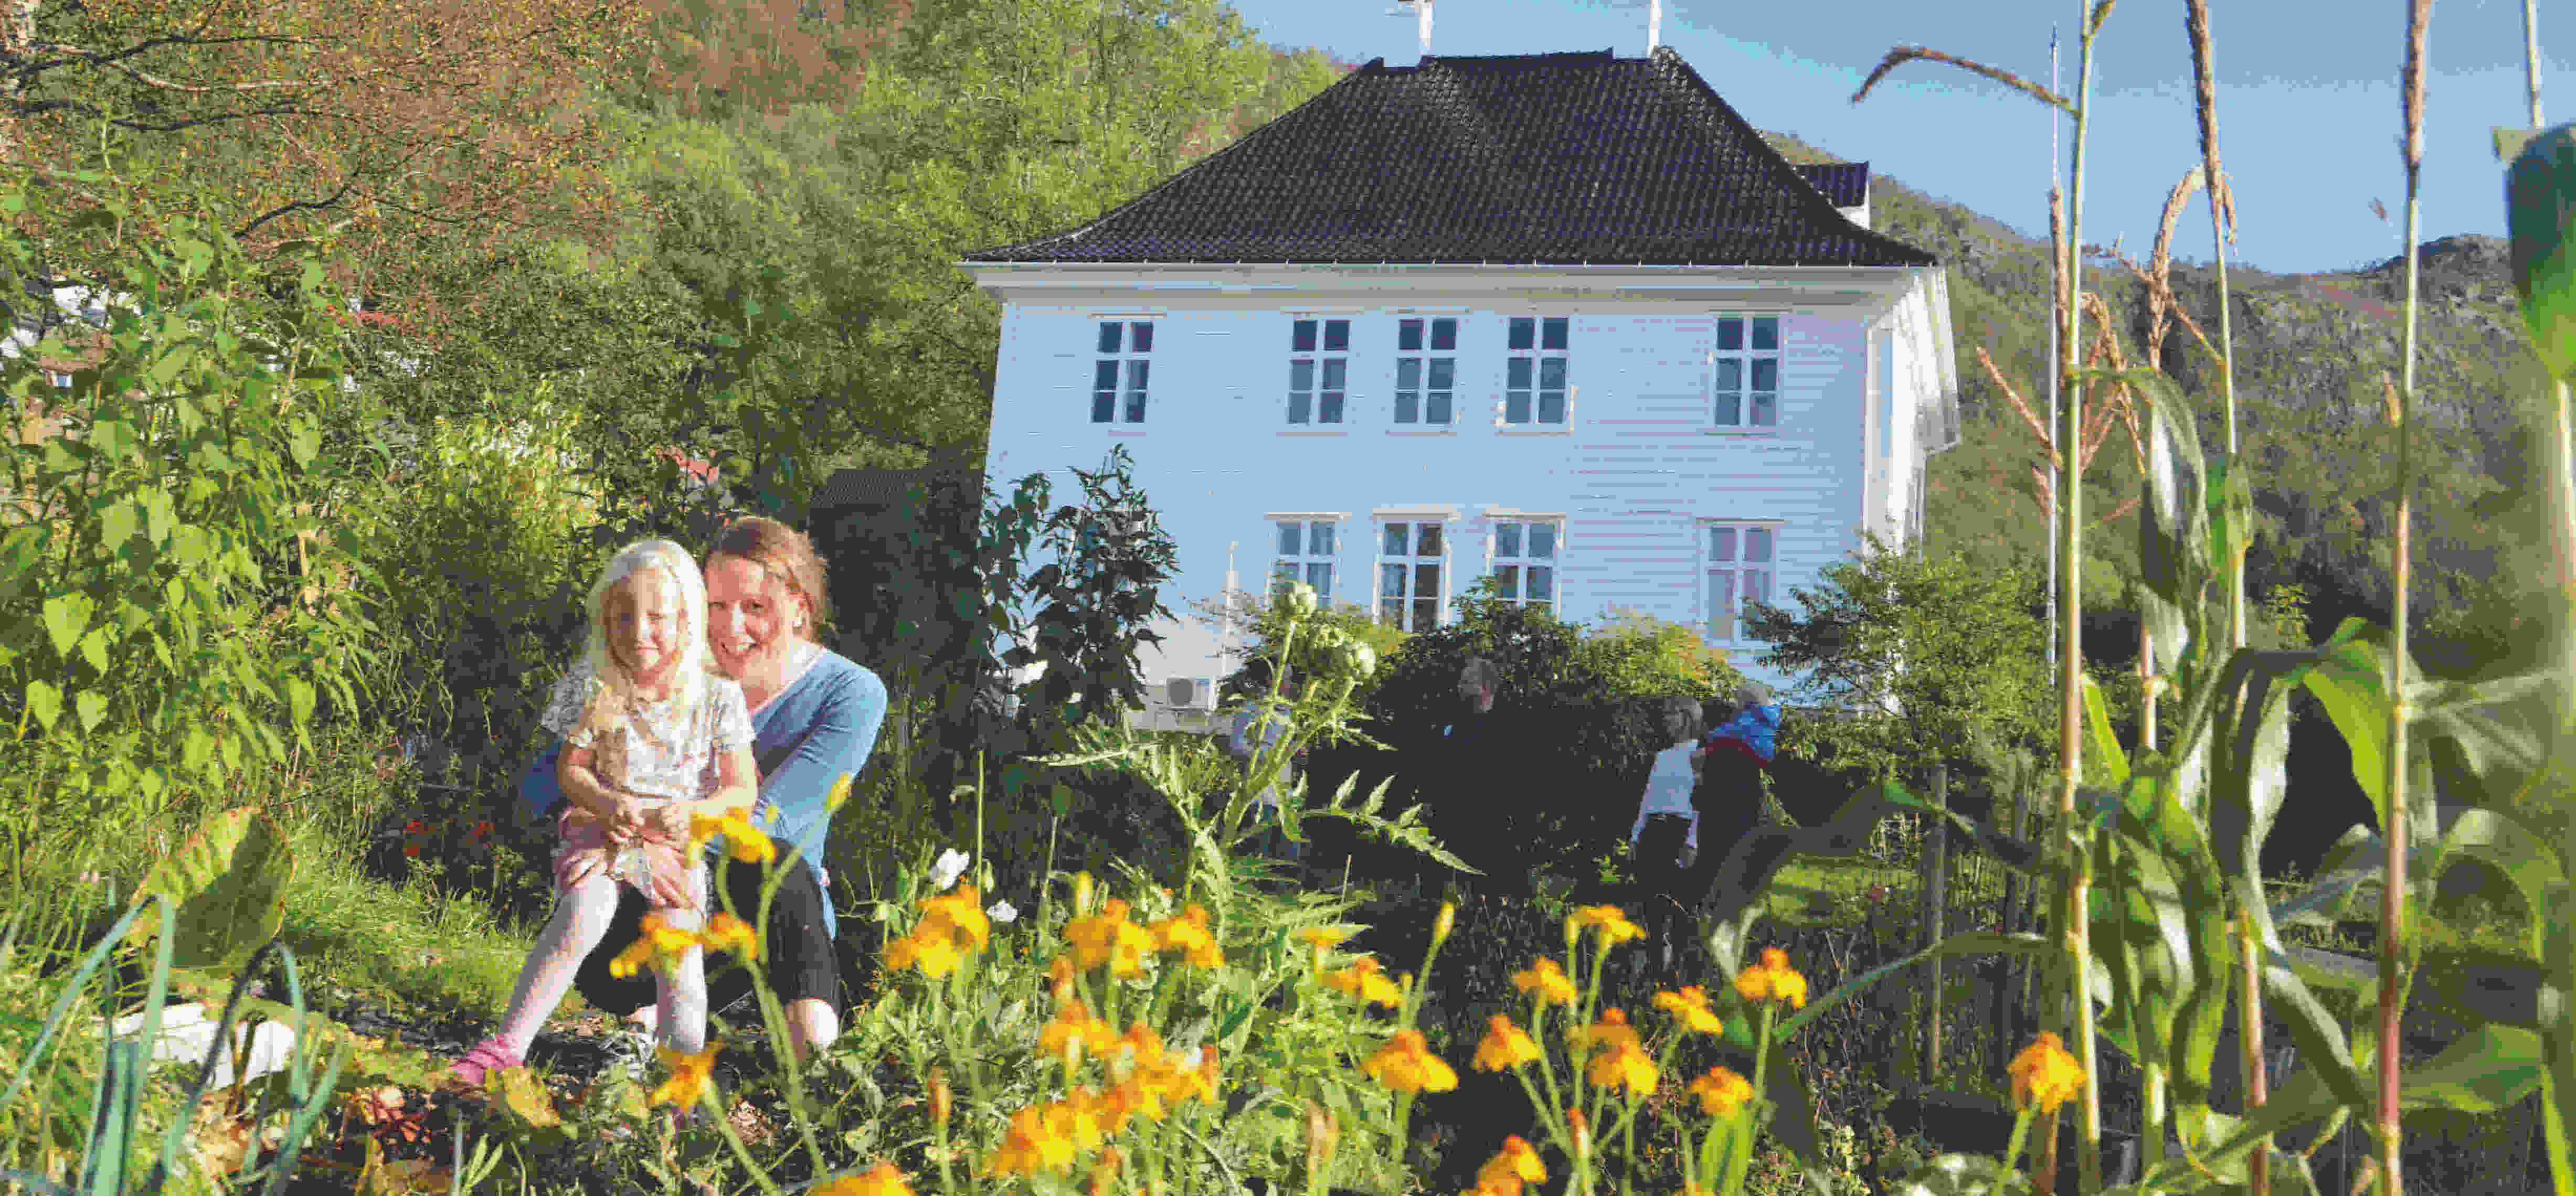 Velkommen til å besøke parsellhagen på nordsiden og hagen på sørsiden. Begge drevet på dugnad. Hagelaget for den delen som ikke er parseller startet opp i april. Flott gjeng. Velkommen med!